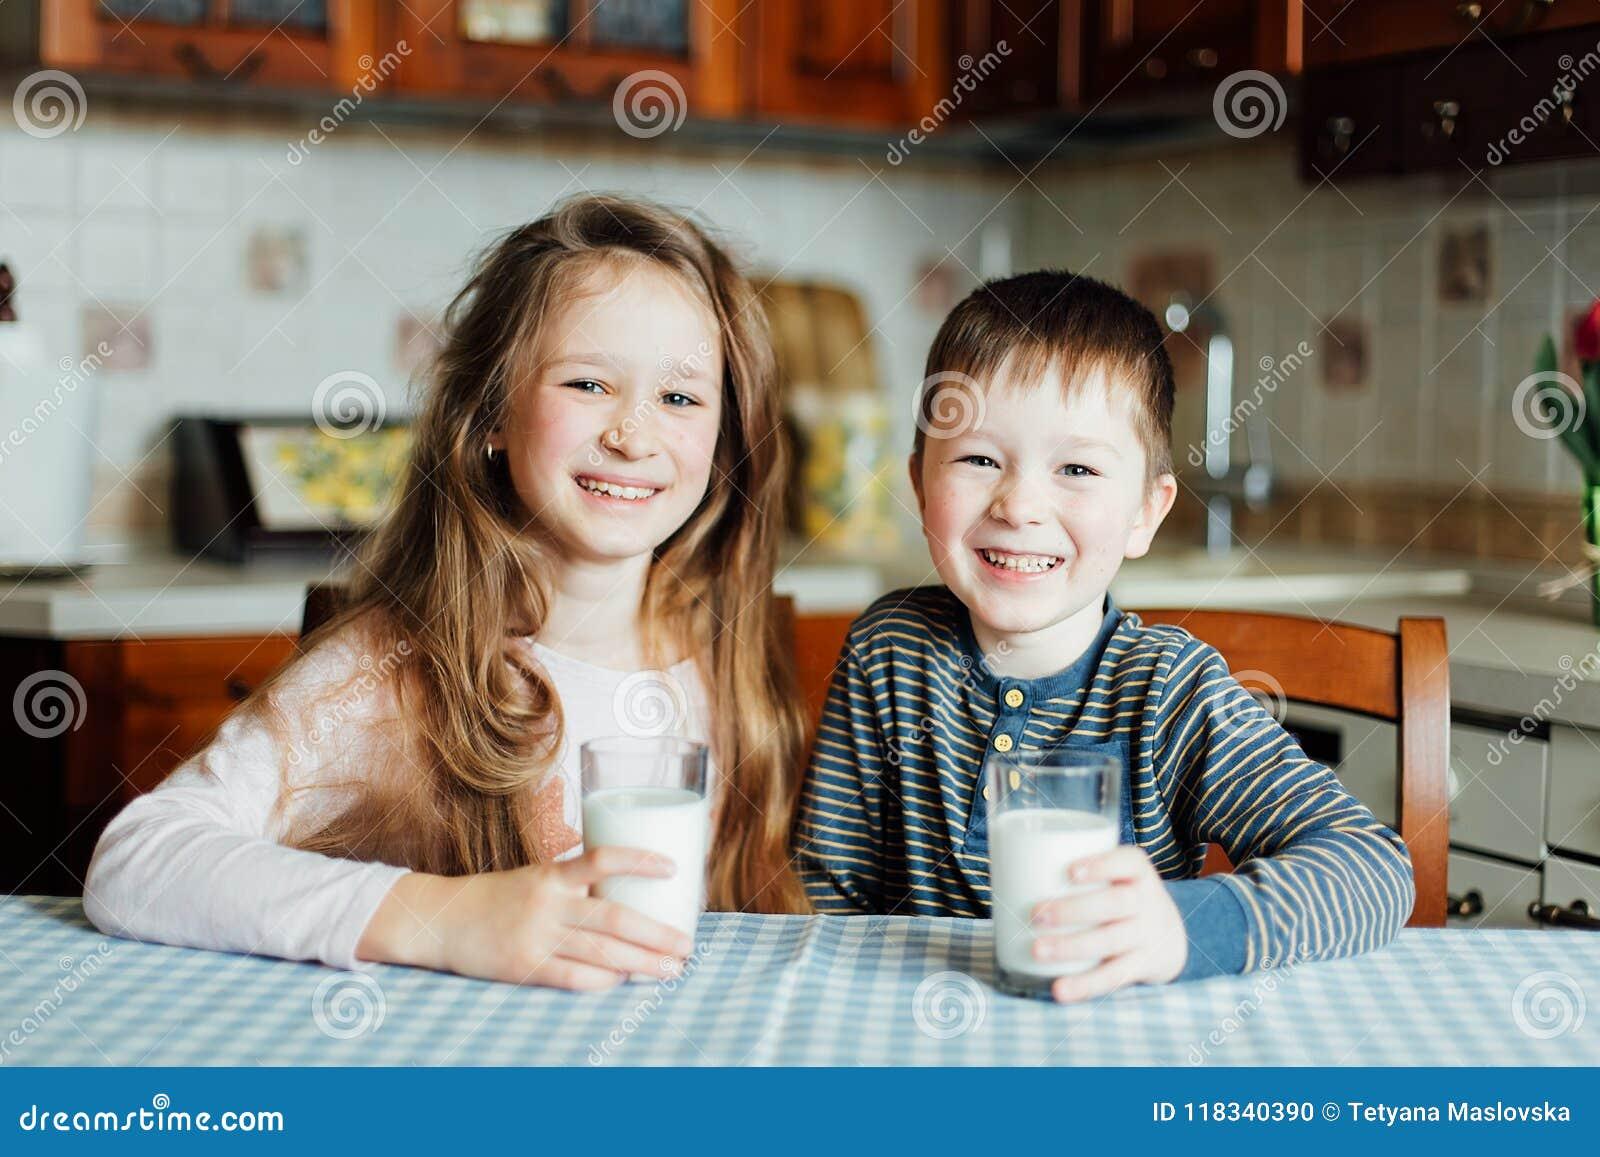 Los niños beben la leche y se divierten en la cocina en la mañana La hermana y el hermano preparan el cacao